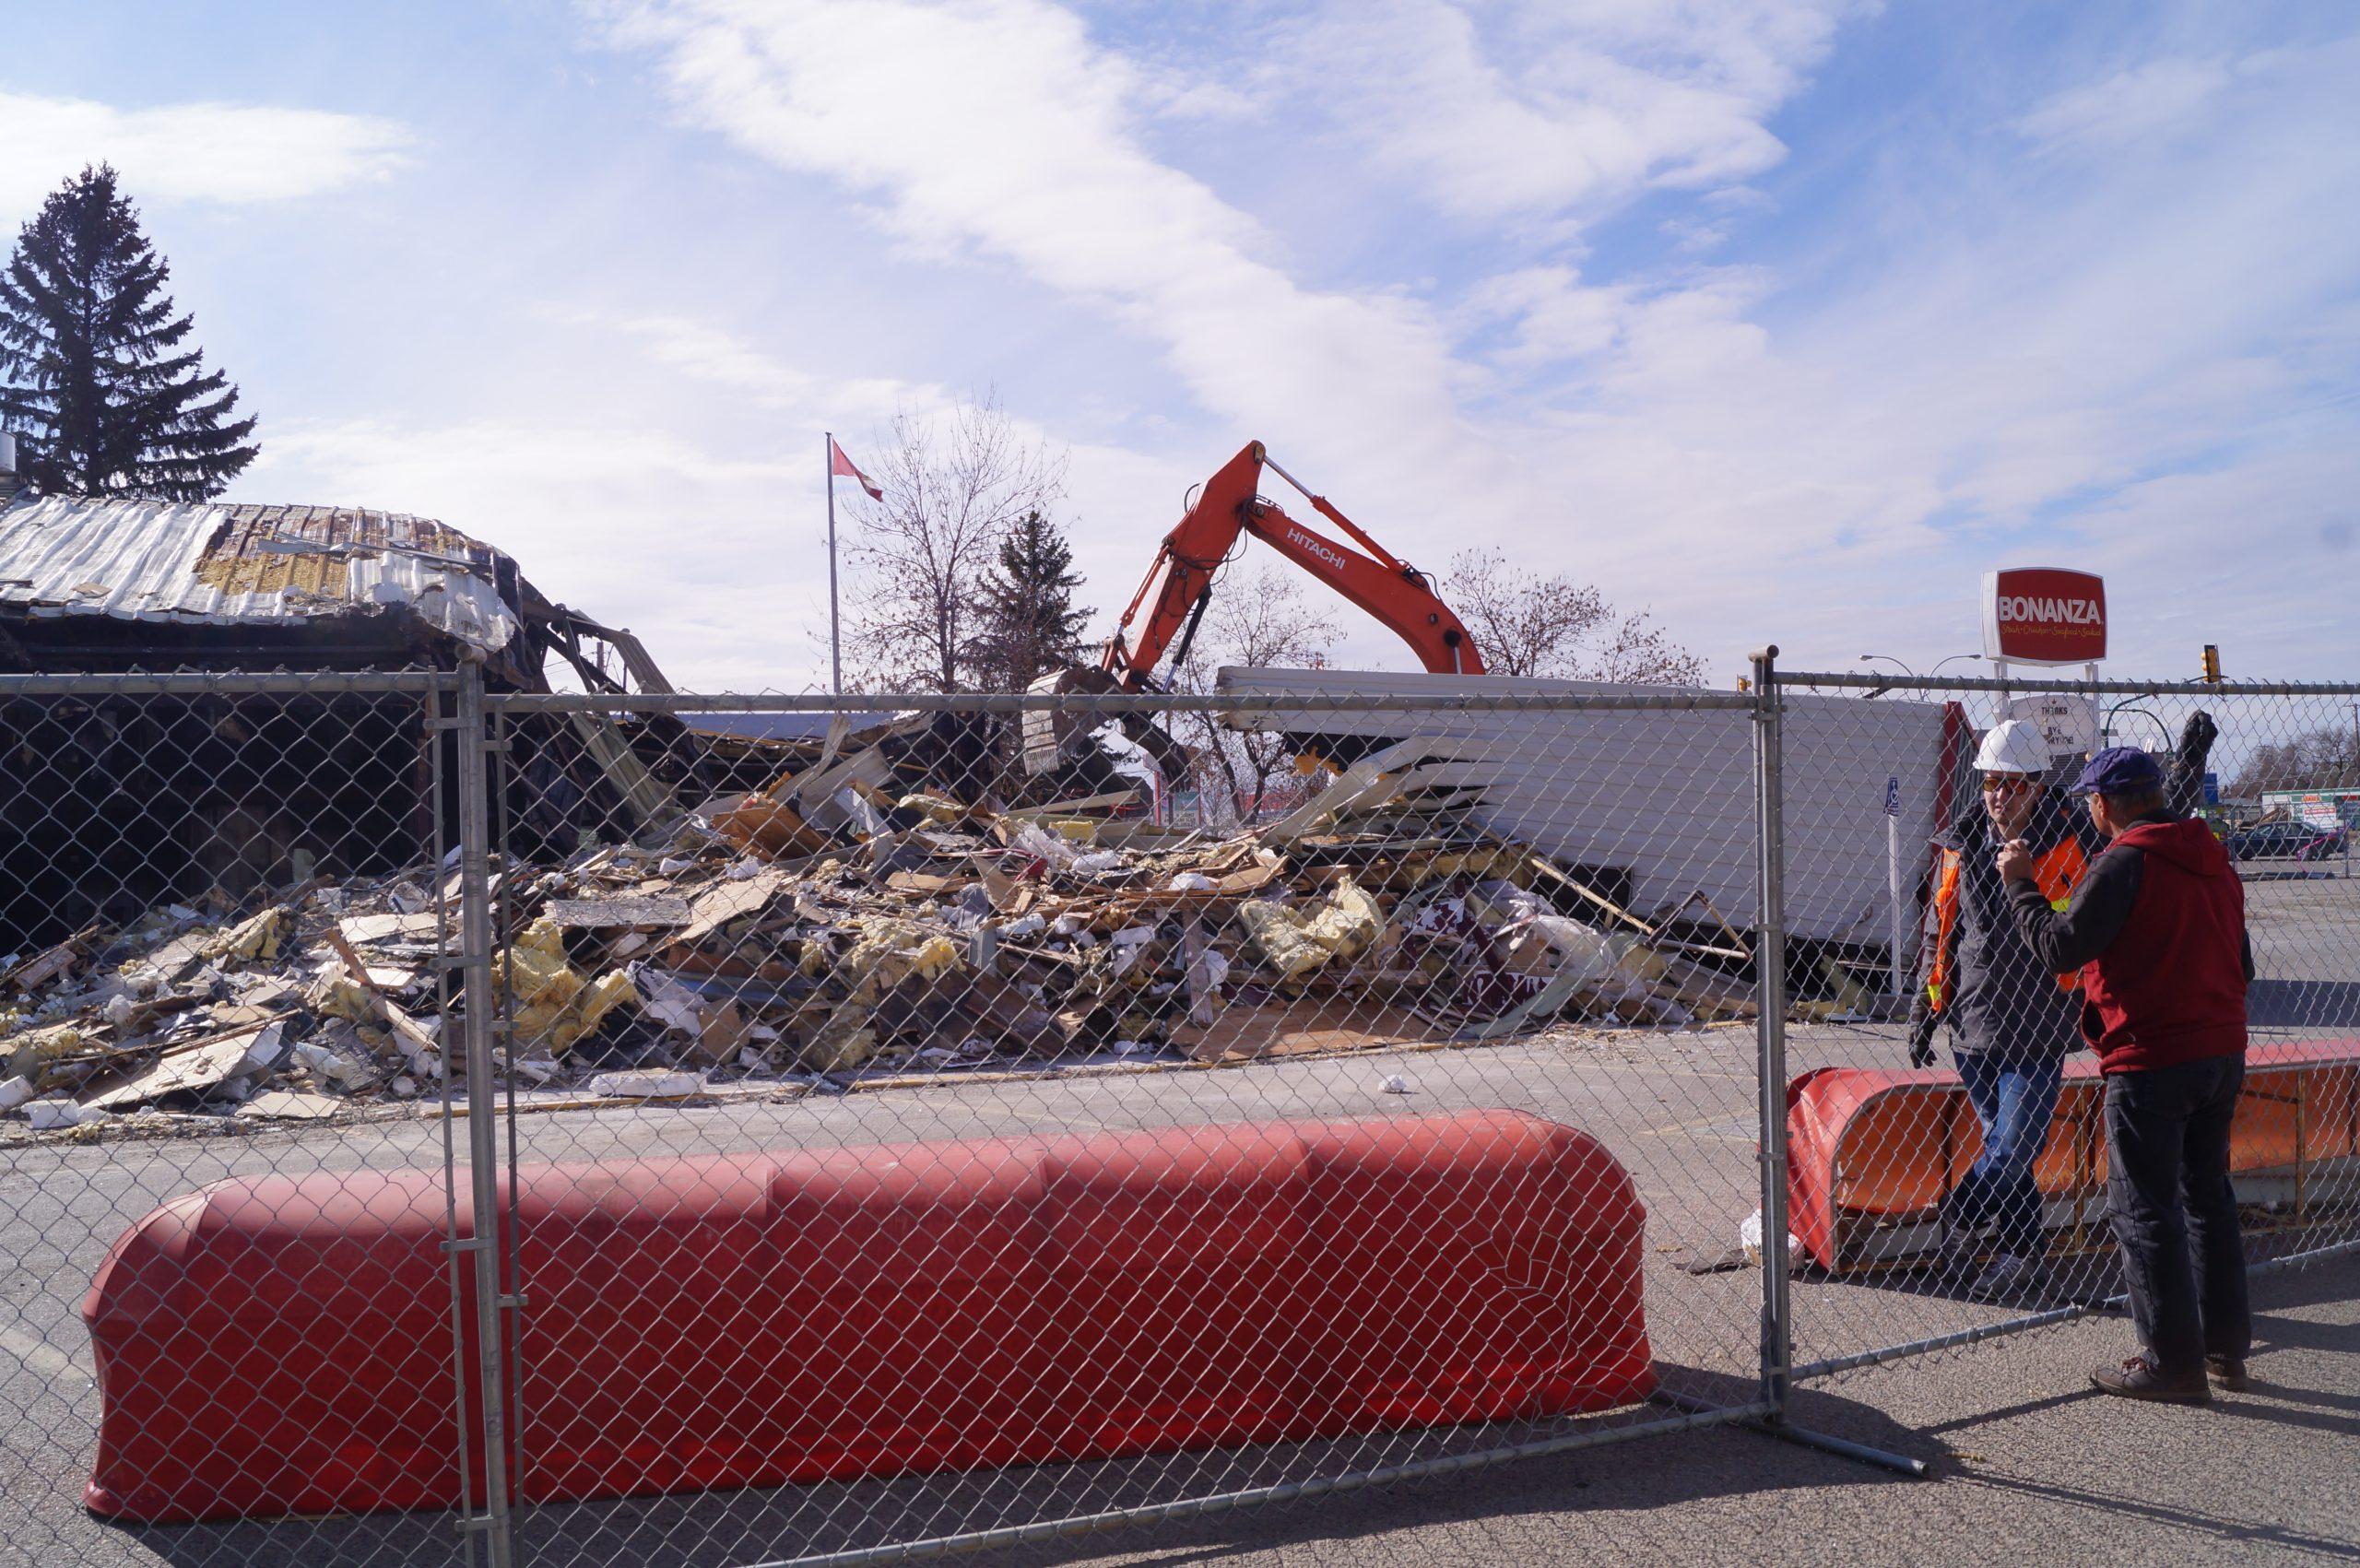 Demolition begins at Bonanza Steakhouse